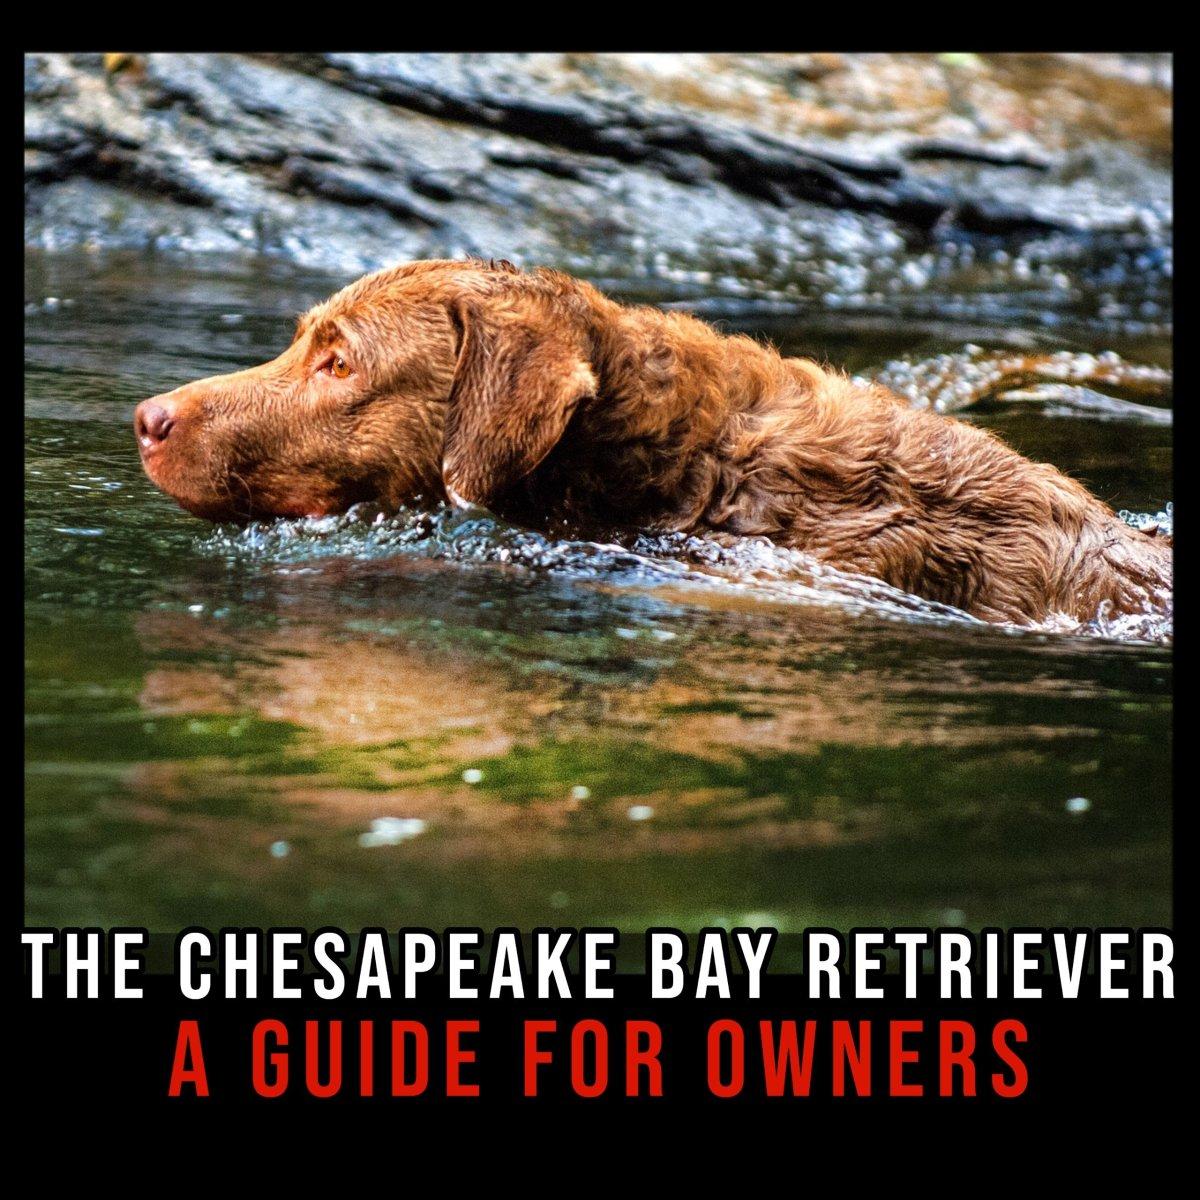 The lovable Chesapeake Bay Retriever.